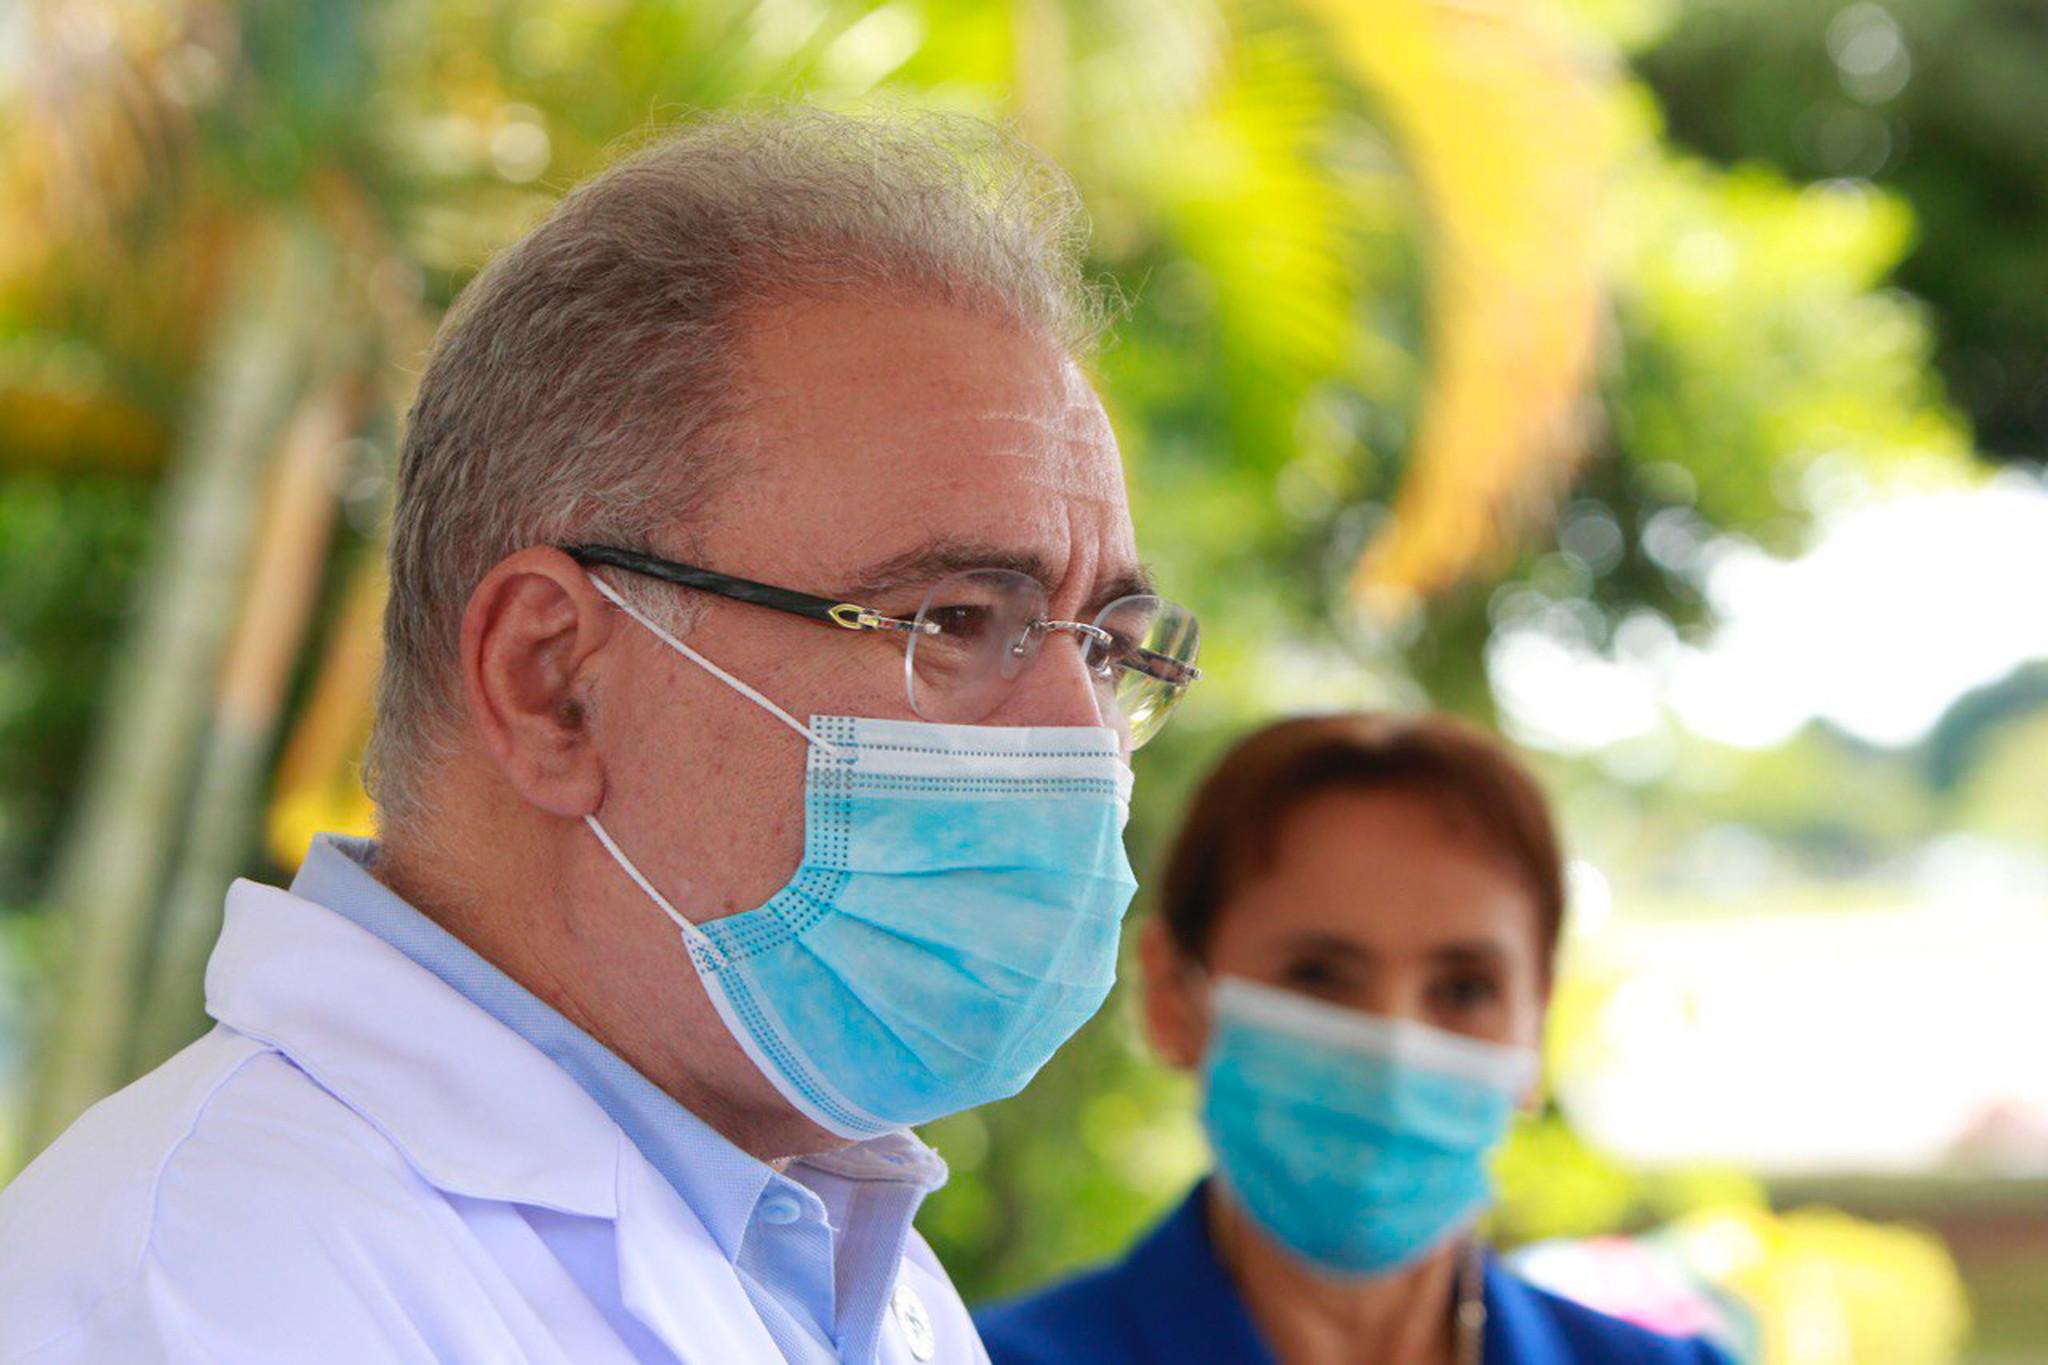 IMAGEM: Saúde se recusa a dar explicações sobre fornecedora de vacina investigada